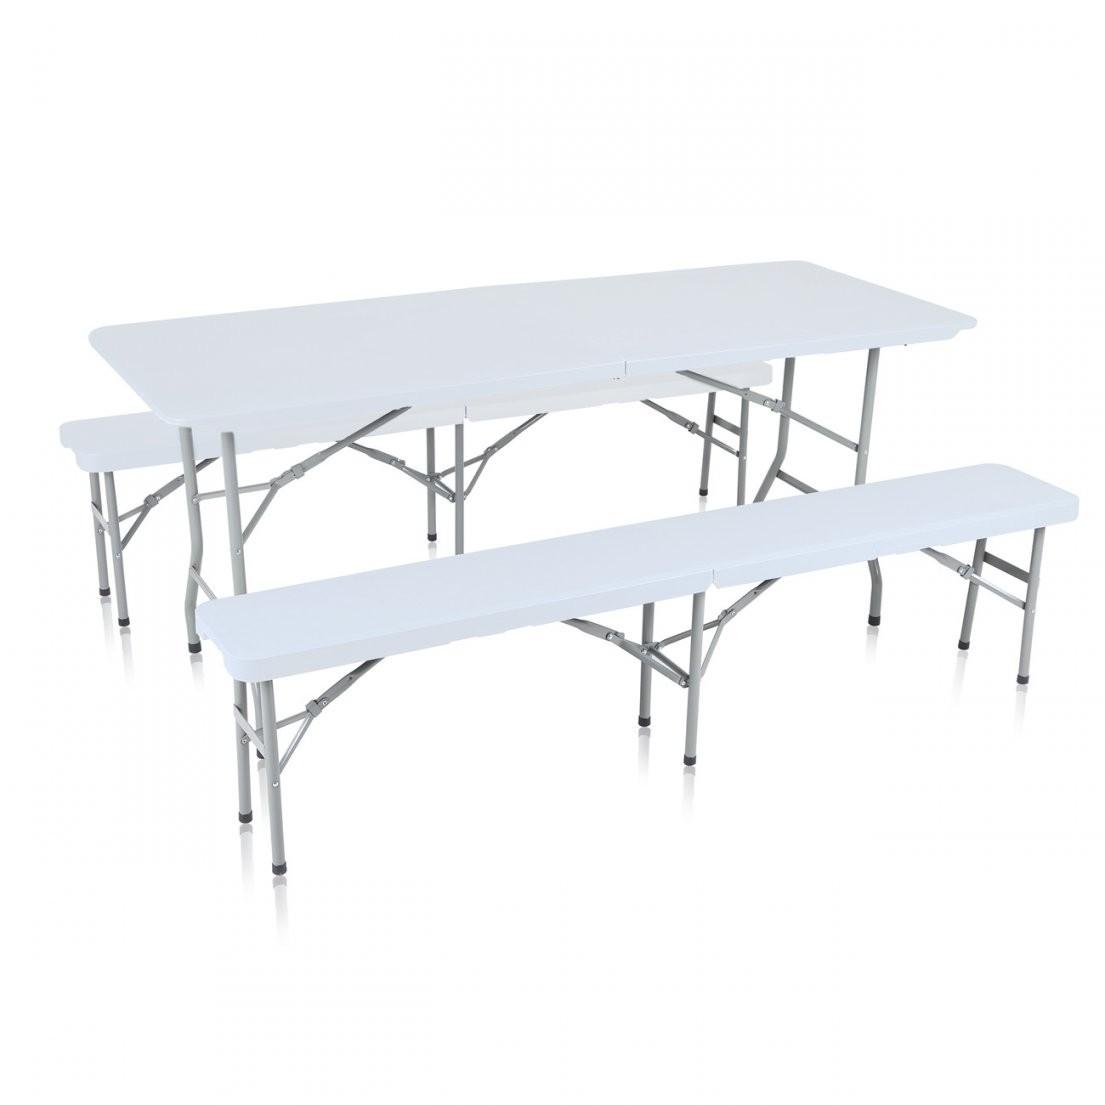 Strattore Bierzeltgarnitur Klappbar Mit Tisch Und 2 Bänken  Aus von Gartenbank Klappbar Weiß Photo